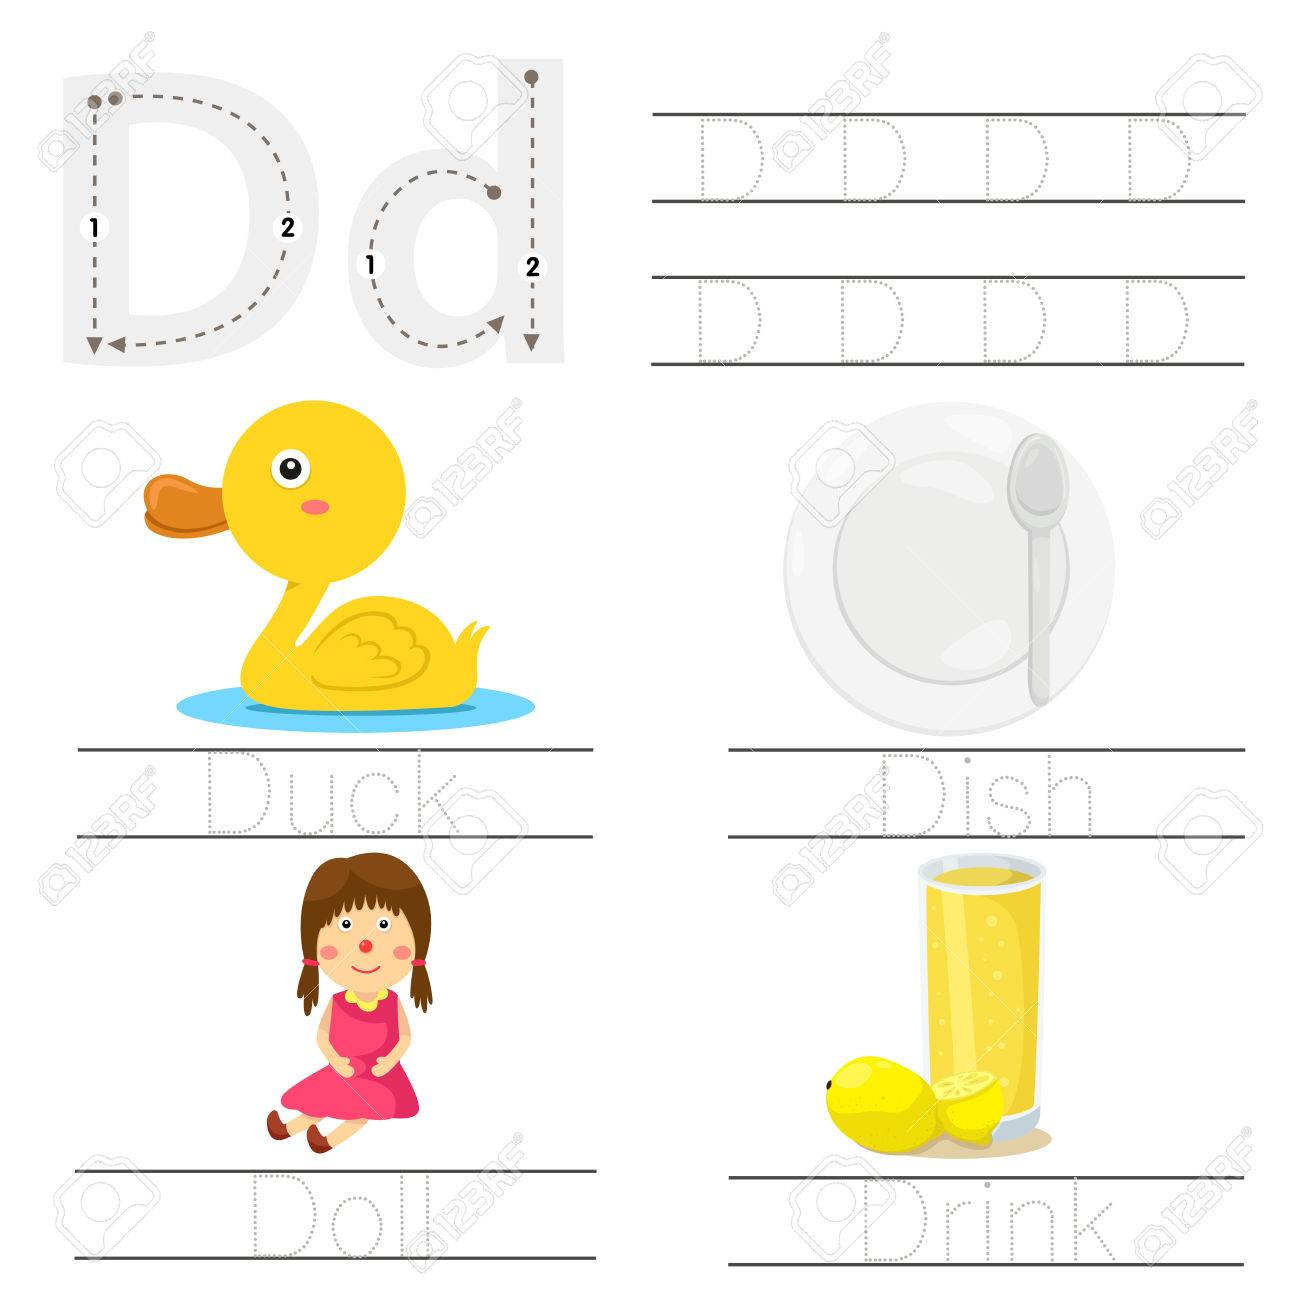 Illustrator Von Arbeitsblatt Für Kinder D Schriftart Lizenzfrei ...